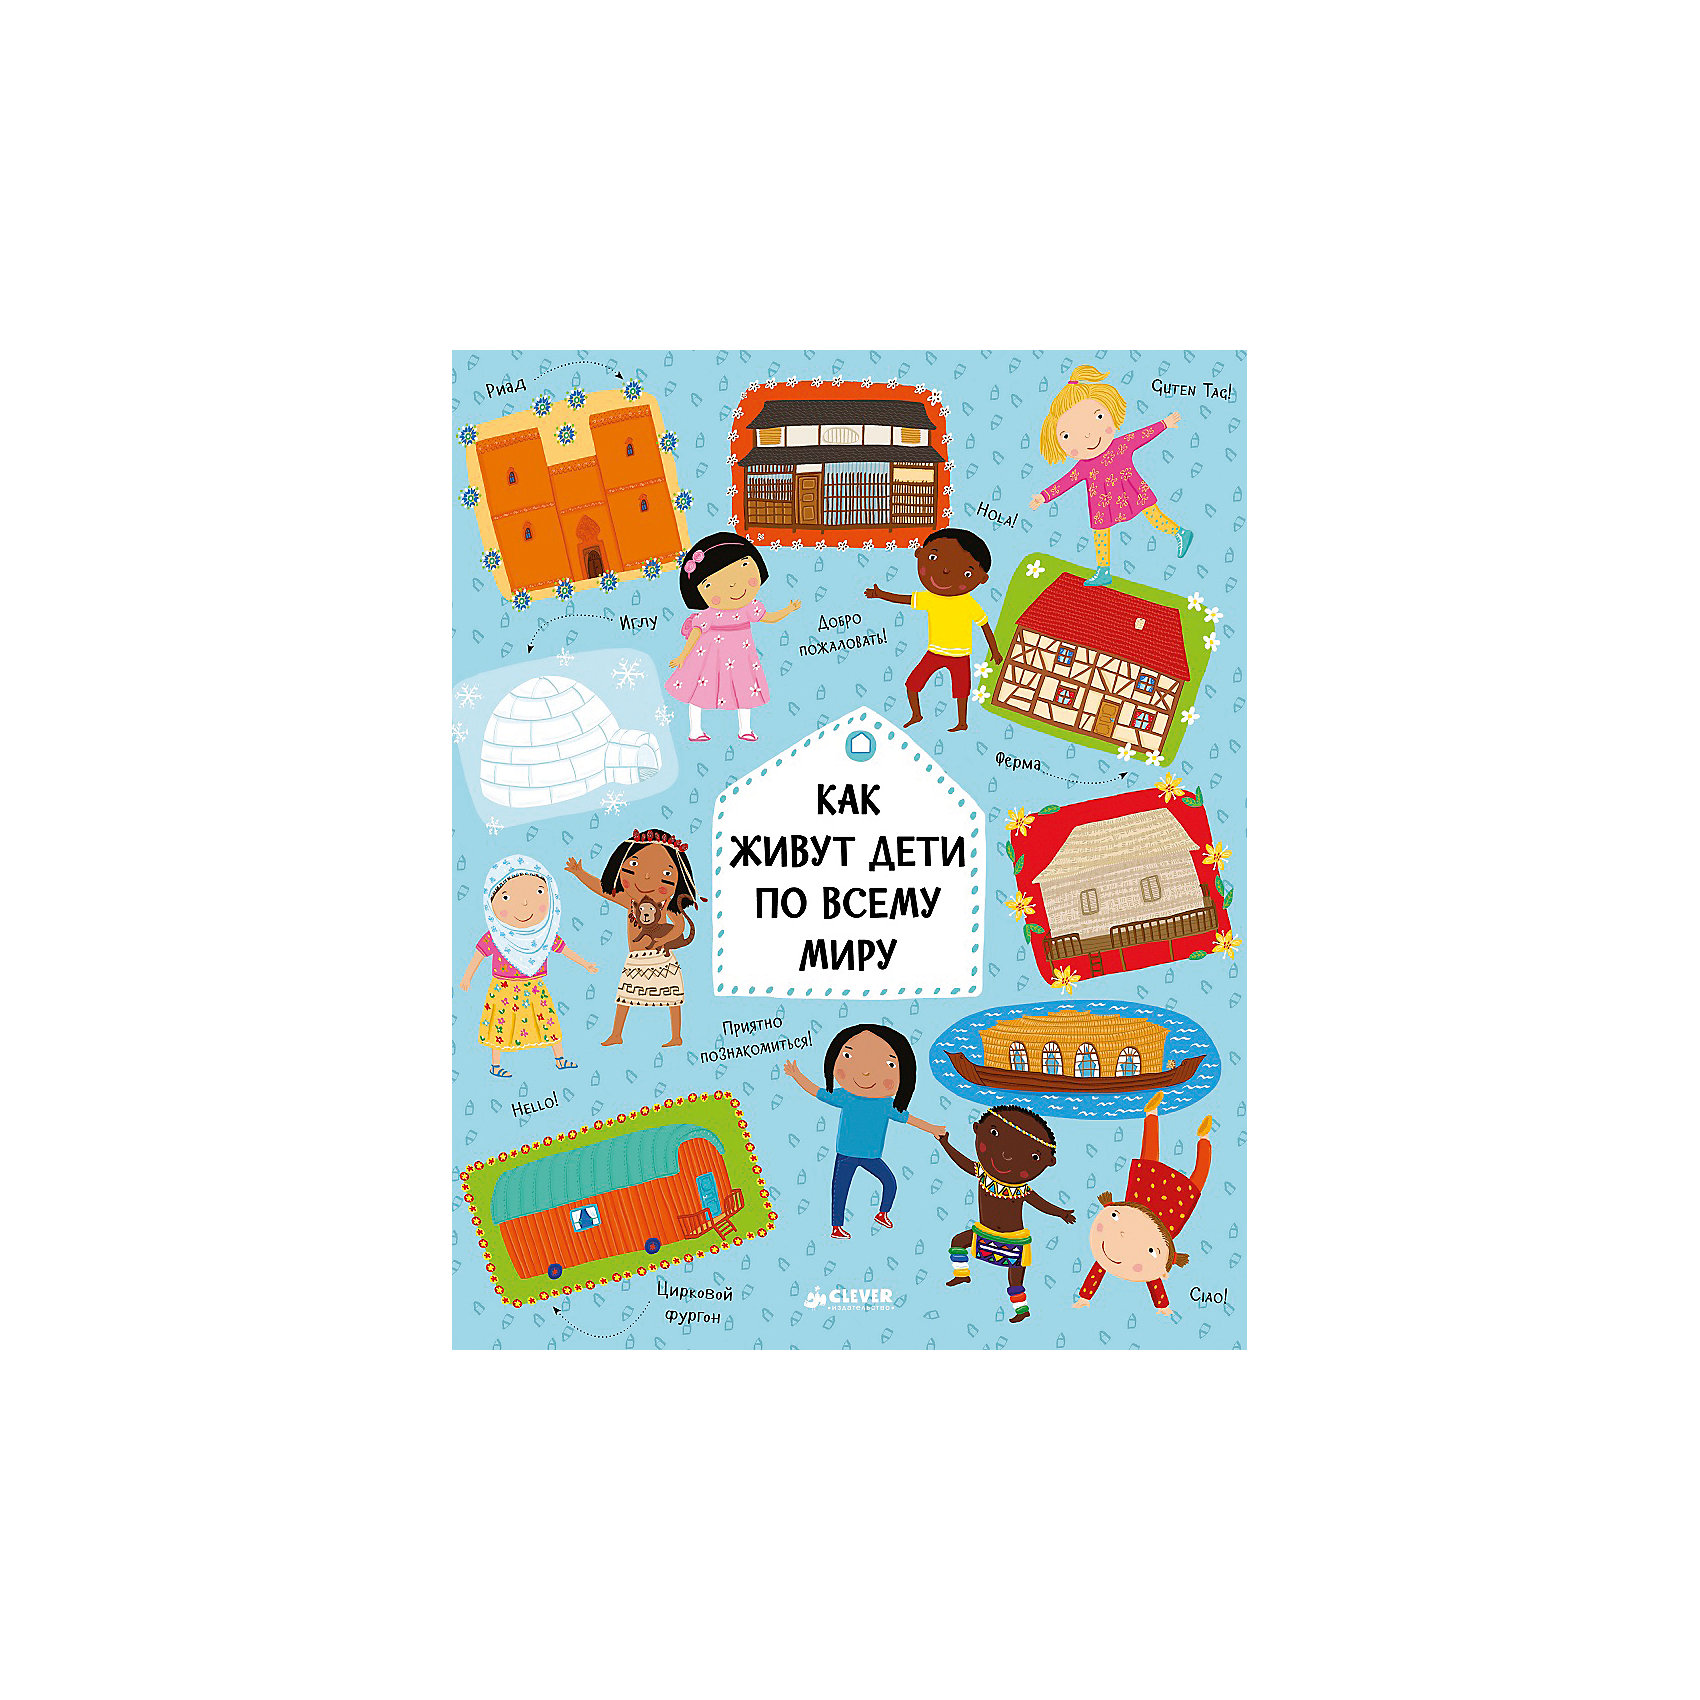 Как живут дети по всему миру, Х. Хараштова, П. ХаначковаCLEVER (КЛЕВЕР)<br>Как живут дети по всему миру, Х. Хараштова, П. Ханачкова<br><br>Характеристики:<br><br>- Издательство: Клевер-Медиа-Групп.<br>- Серия: «Удивительные энциклопедии».<br>- Размеры упаковки: 280х215х10мм.<br>- Цветная печать.<br>- Вес: 428г<br><br>Видел ли ты когда-нибудь, как живут бедуины в пустыне? Знаешь ли, что такое марокканский риад или монгольская юрта? Представляешь, какие виды открываются с последнего этажа небоскреба? Пятнадцать ребят из разных уголков мира приглашают тебя в гости к себе домой. В пустыне и джунглях, в скалах и на воде - самые интересные и необычные жилища распахнут для тебя свои двери на страницах этой замечательной книги.<br><br>Как живут дети по всему миру, Х. Хараштова, П. Ханачкова, можно купить в нашем интернет – магазине.<br><br>Ширина мм: 280<br>Глубина мм: 215<br>Высота мм: 10<br>Вес г: 428<br>Возраст от месяцев: 84<br>Возраст до месяцев: 132<br>Пол: Унисекс<br>Возраст: Детский<br>SKU: 5377871